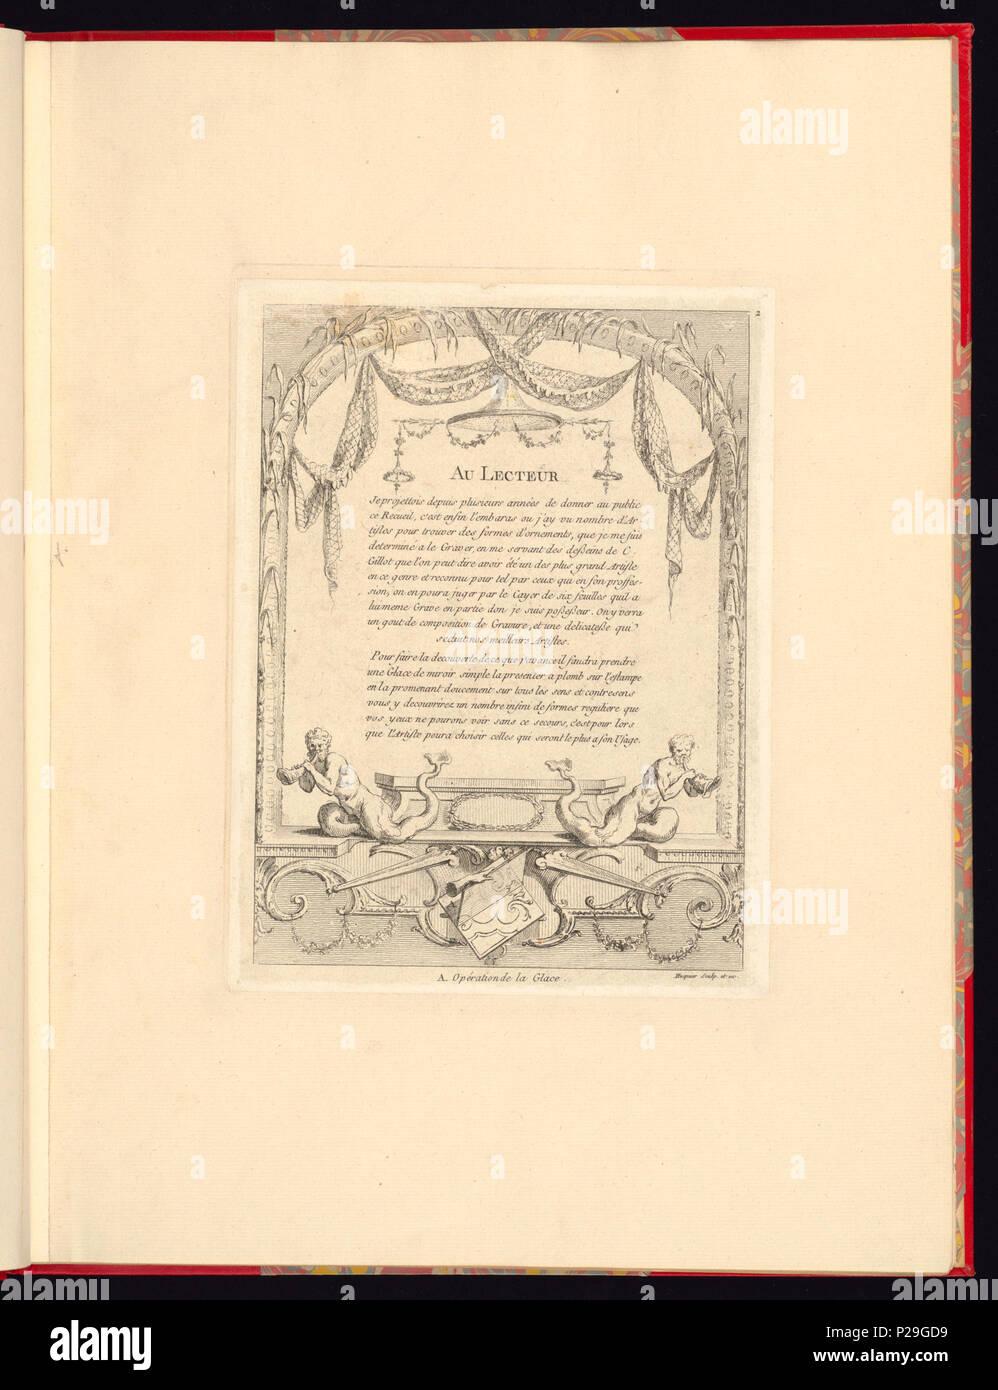 268 Imprimir, Nouveau livre de principes d'ornements particulièrement pour trouver ONU nombre infini de tormes qui dependiente, d'après les dessins de Gillot. Peintre du Roy gravé par Huquier; pl. 2. Au (CH) 18272737 Foto de stock